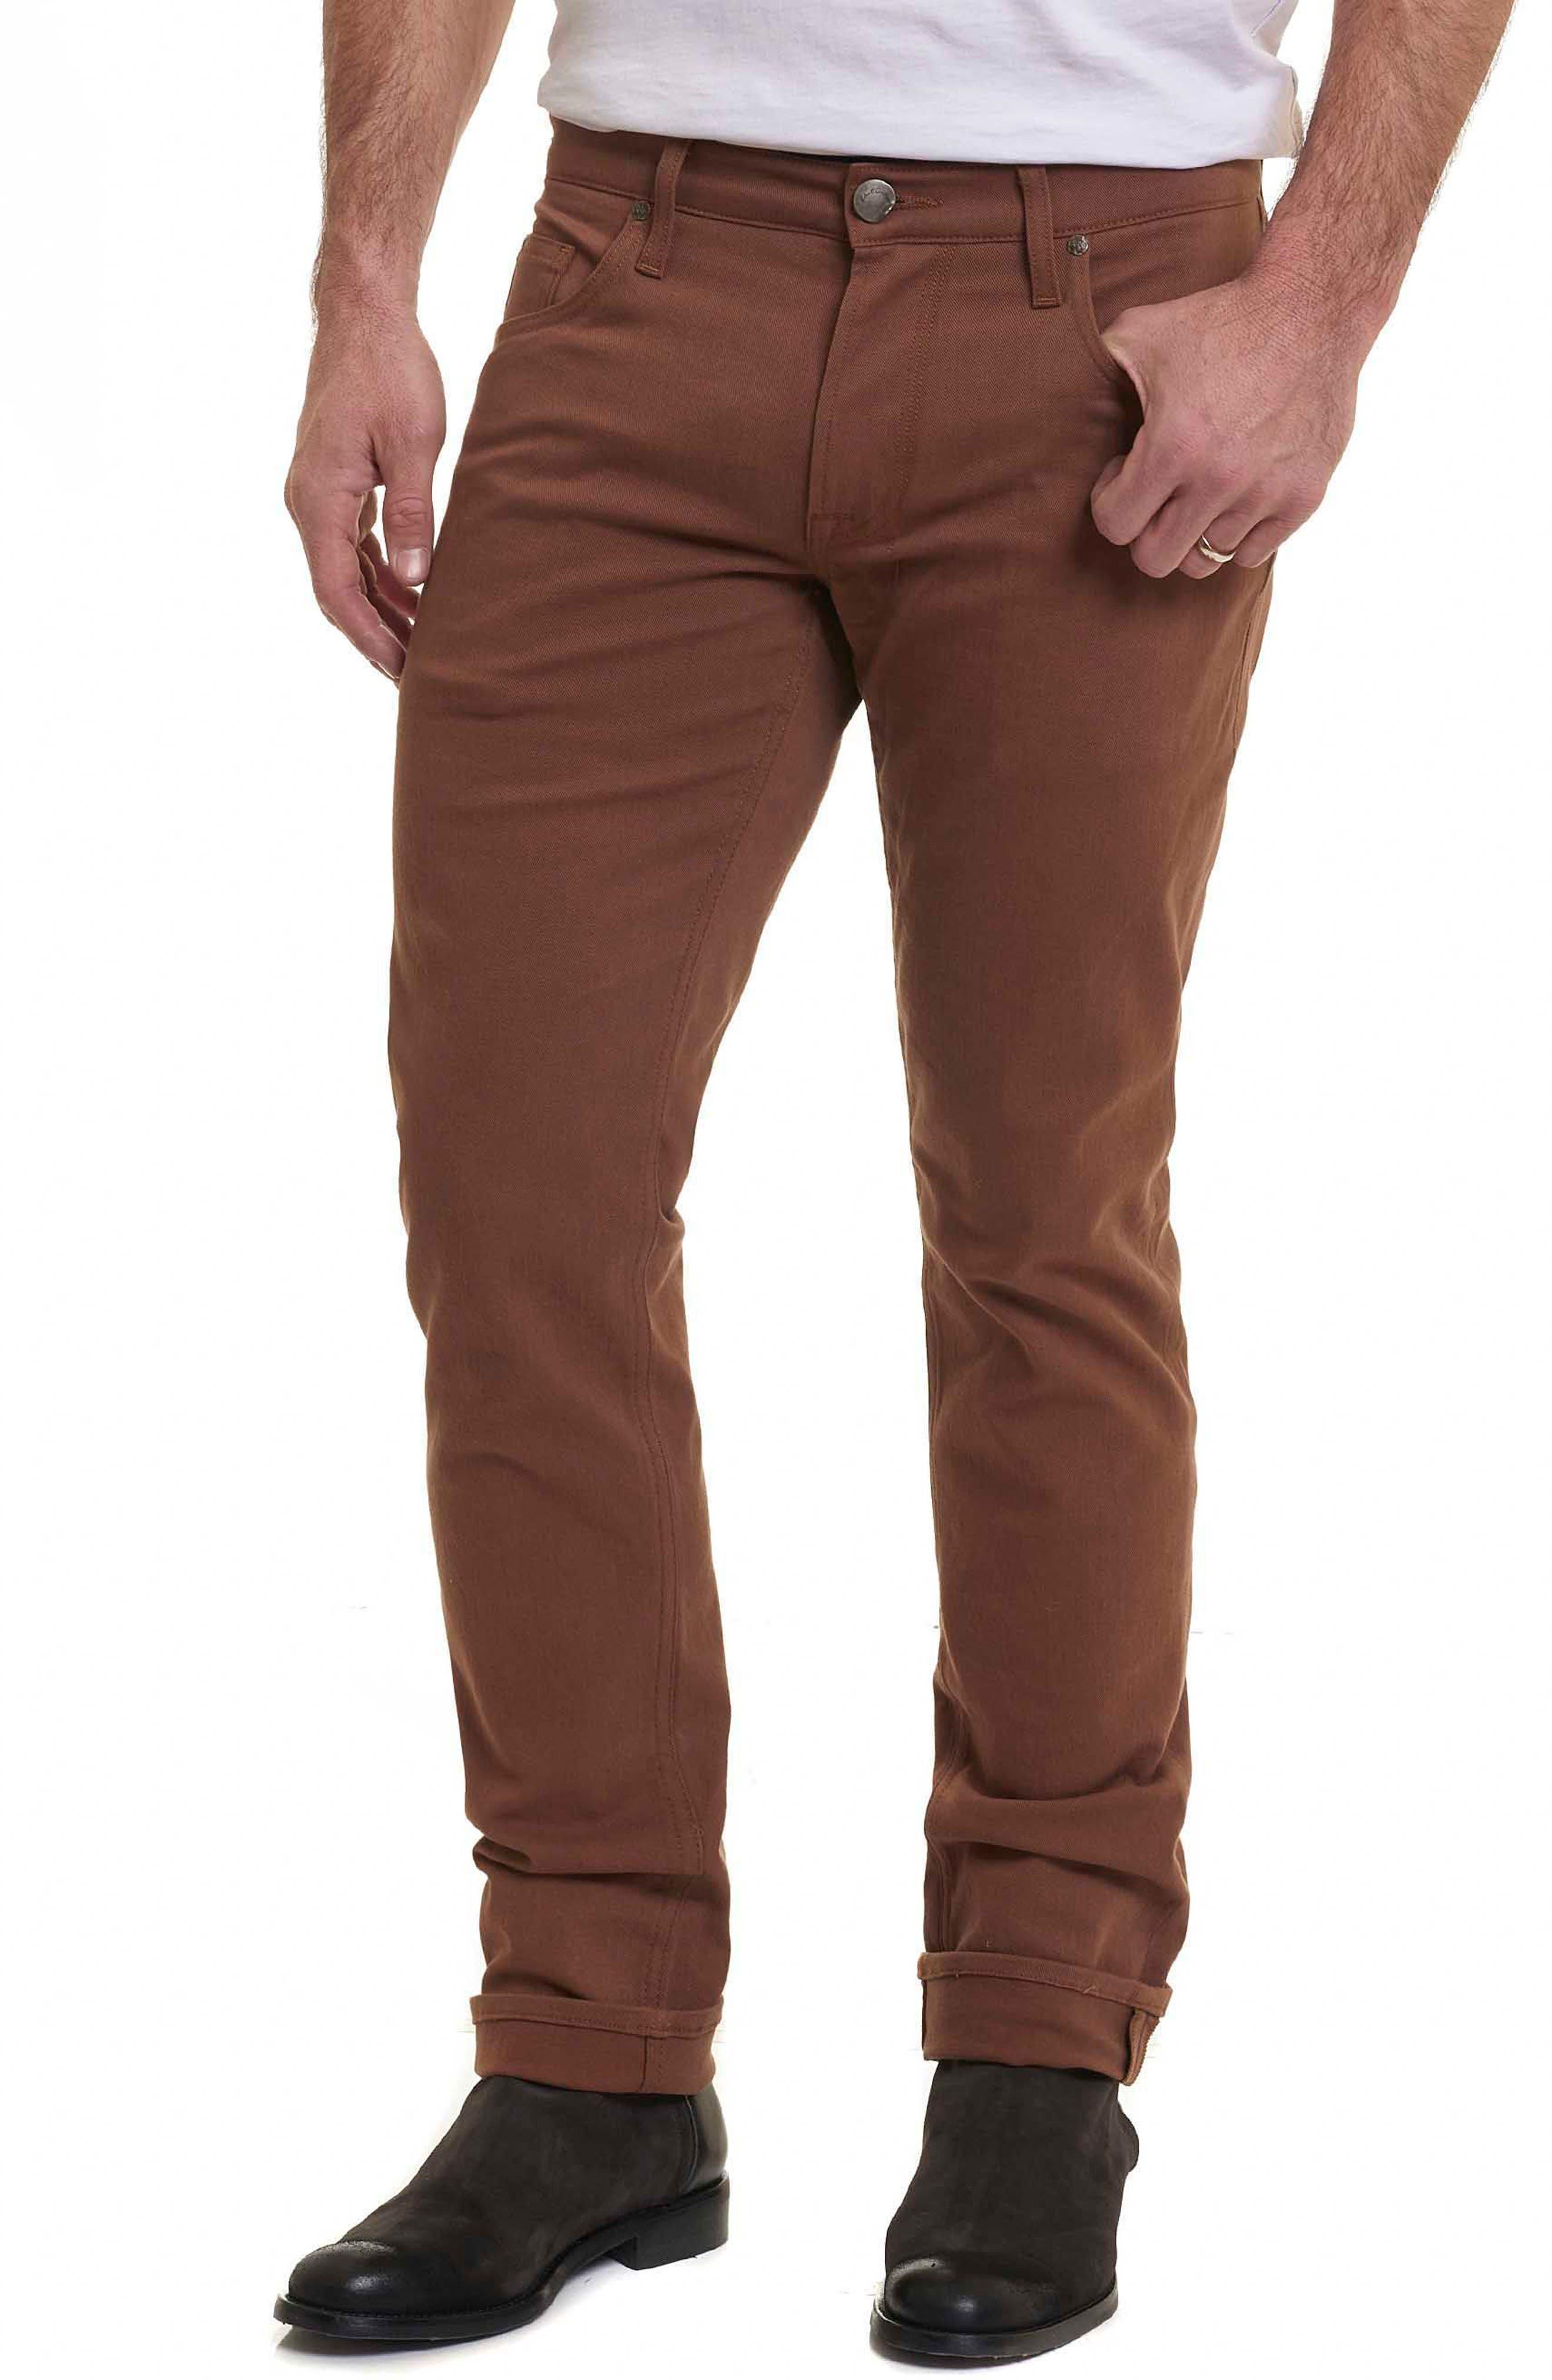 Corwin Classic Fit Jeans,                             Main thumbnail 1, color,                             Copper